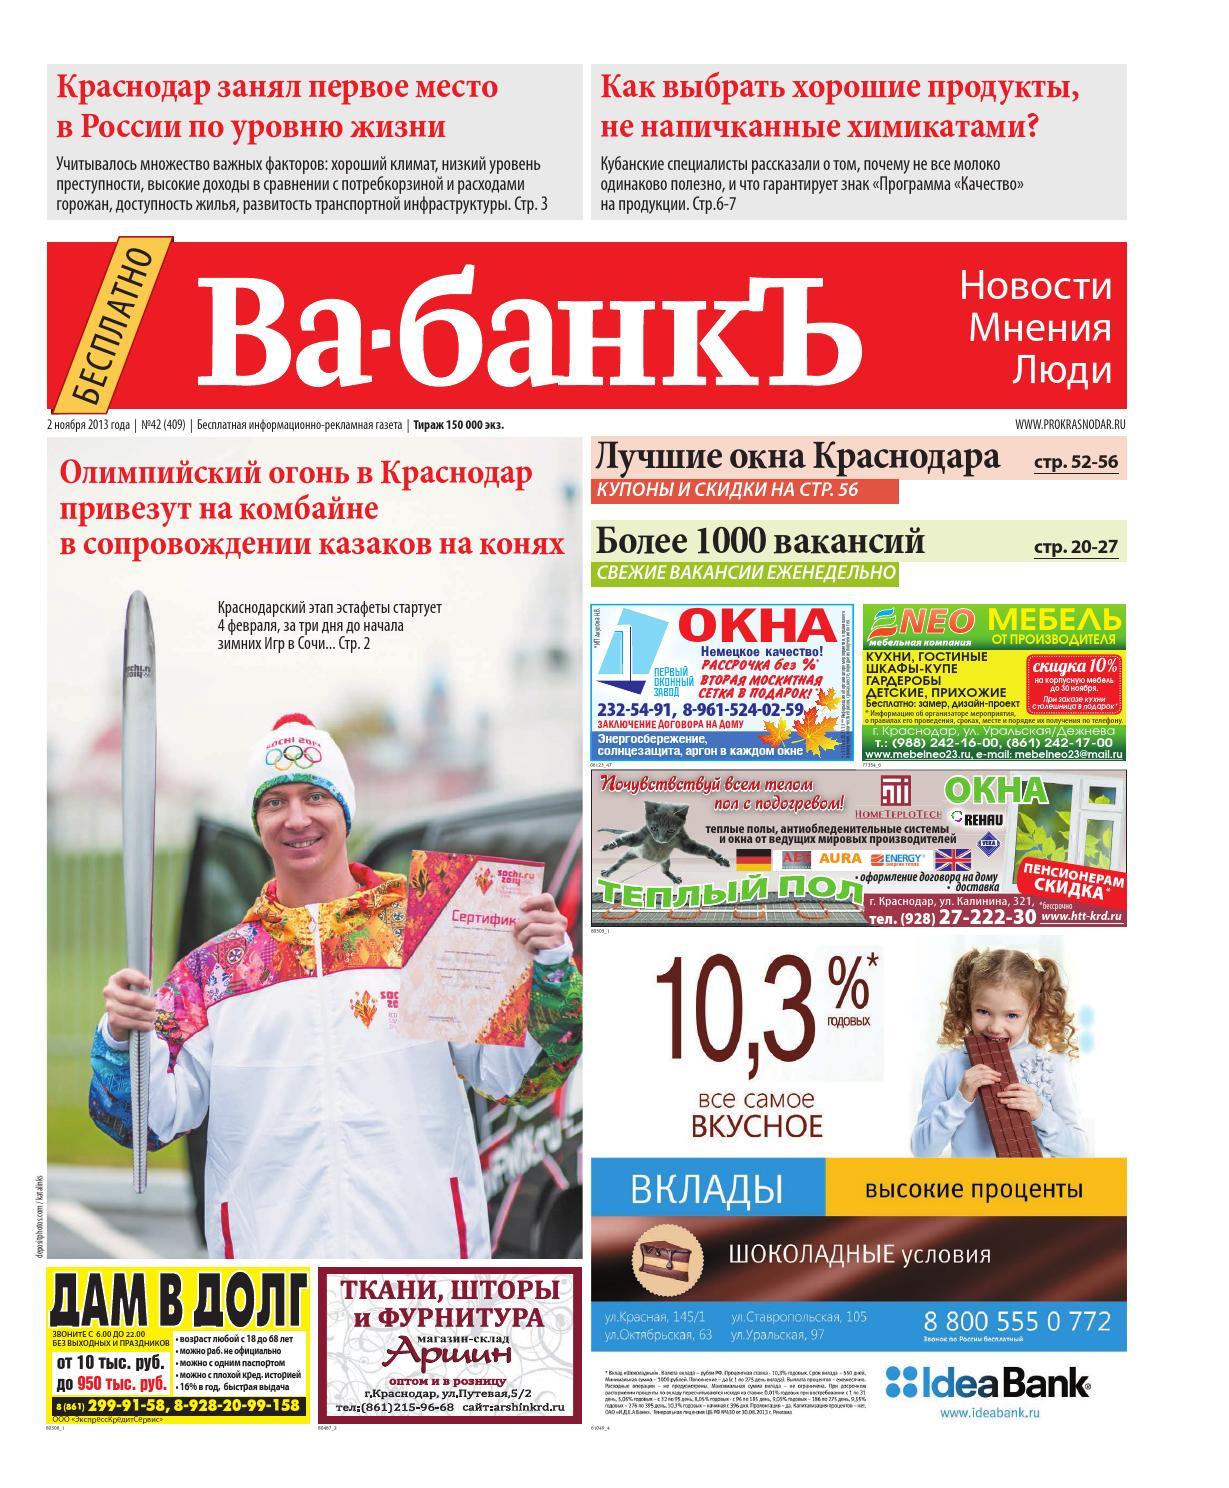 Банк ПСА Финанс Рус — рейтинг, отзывы, адрес, официальный сайт, номера телефонов горячей линии в Краснодаре 4